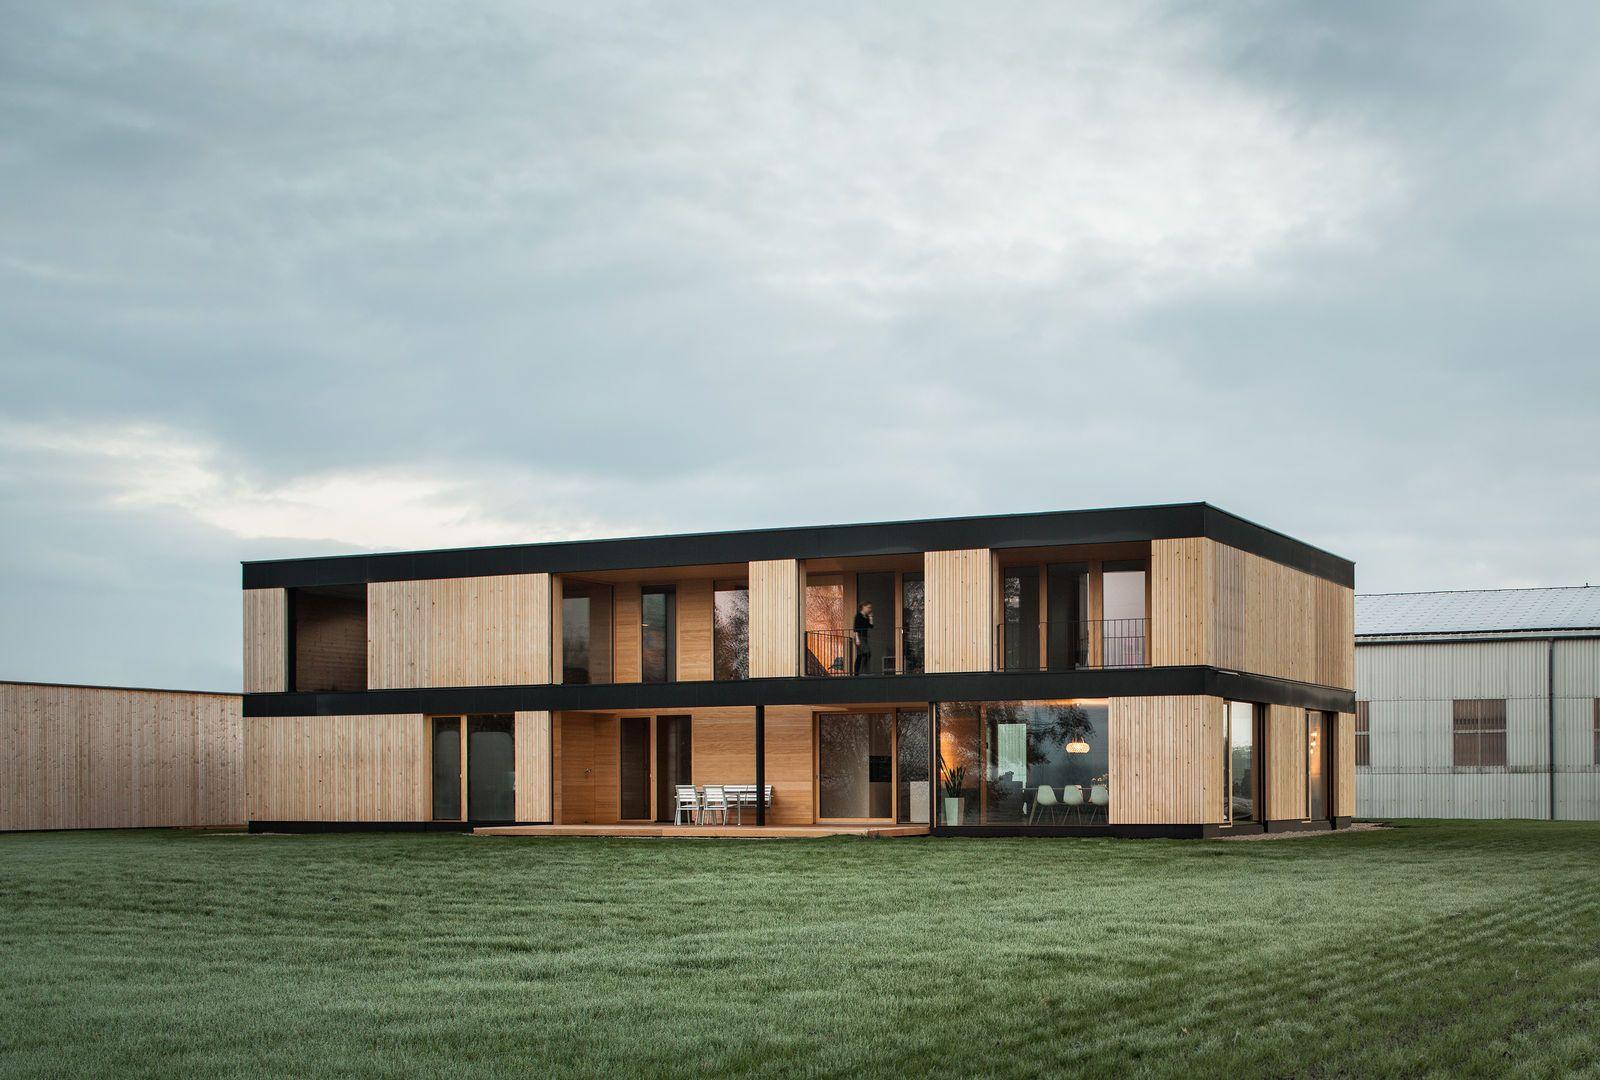 Wohnhaus Rommel Vorarlberger Holzbaukunst Architecture